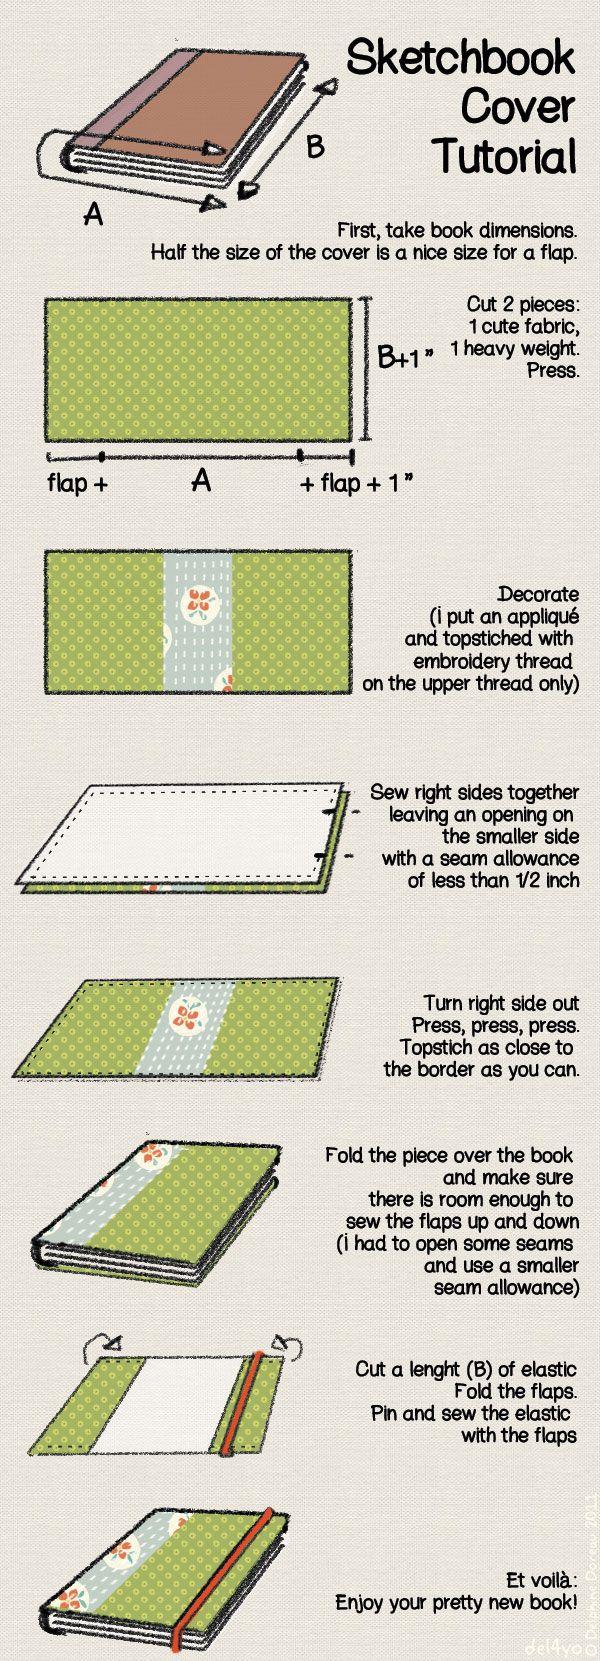 Sketchbook cover tutorial